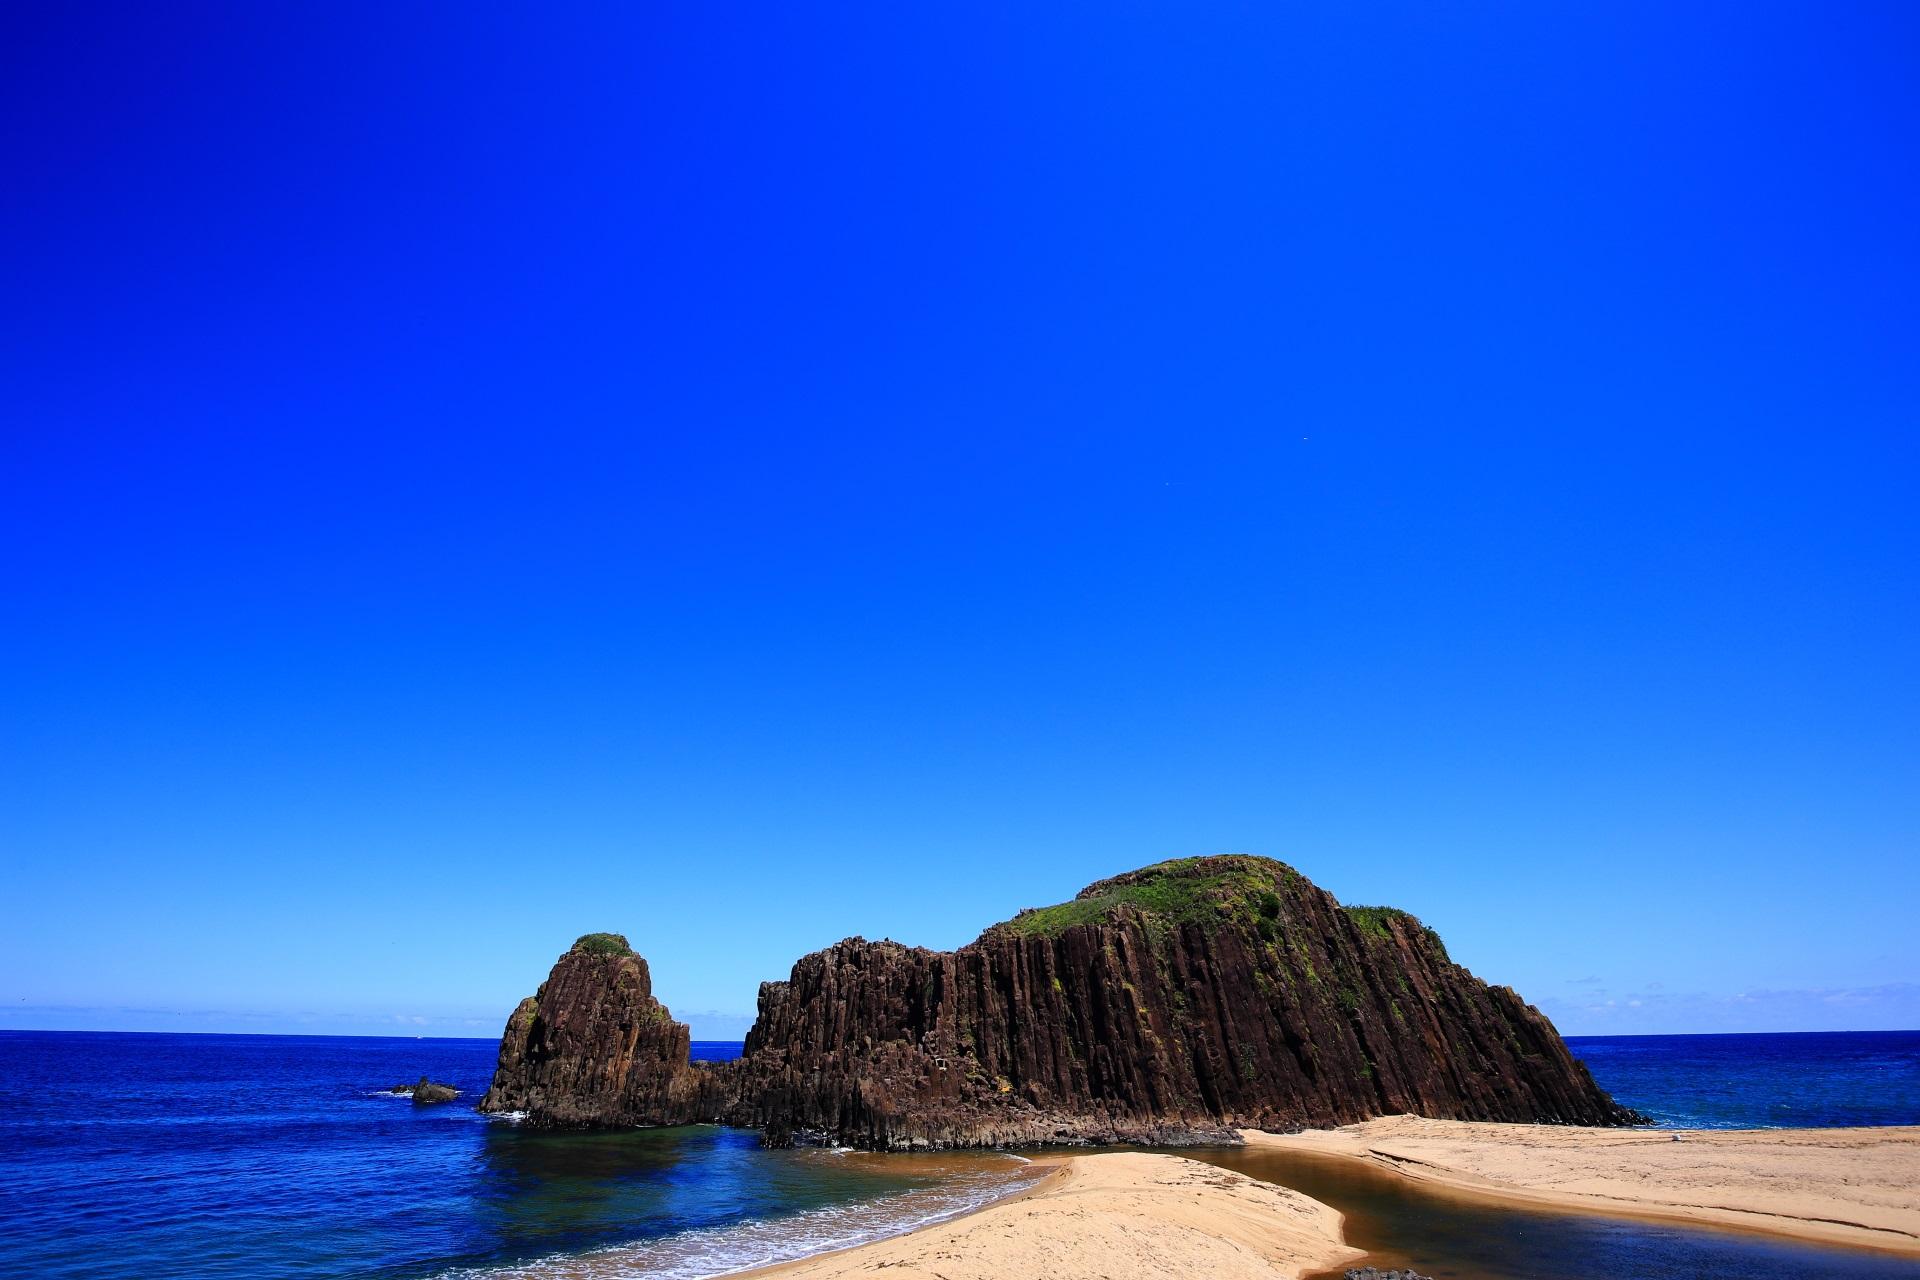 地球の力を感じる玄武岩の自然石である立岩